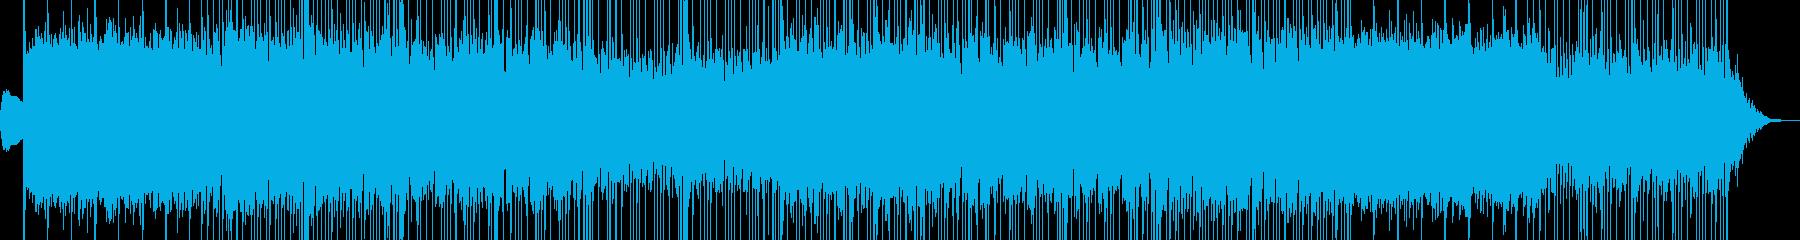 優しくて明るいウェディング系のBGMの再生済みの波形